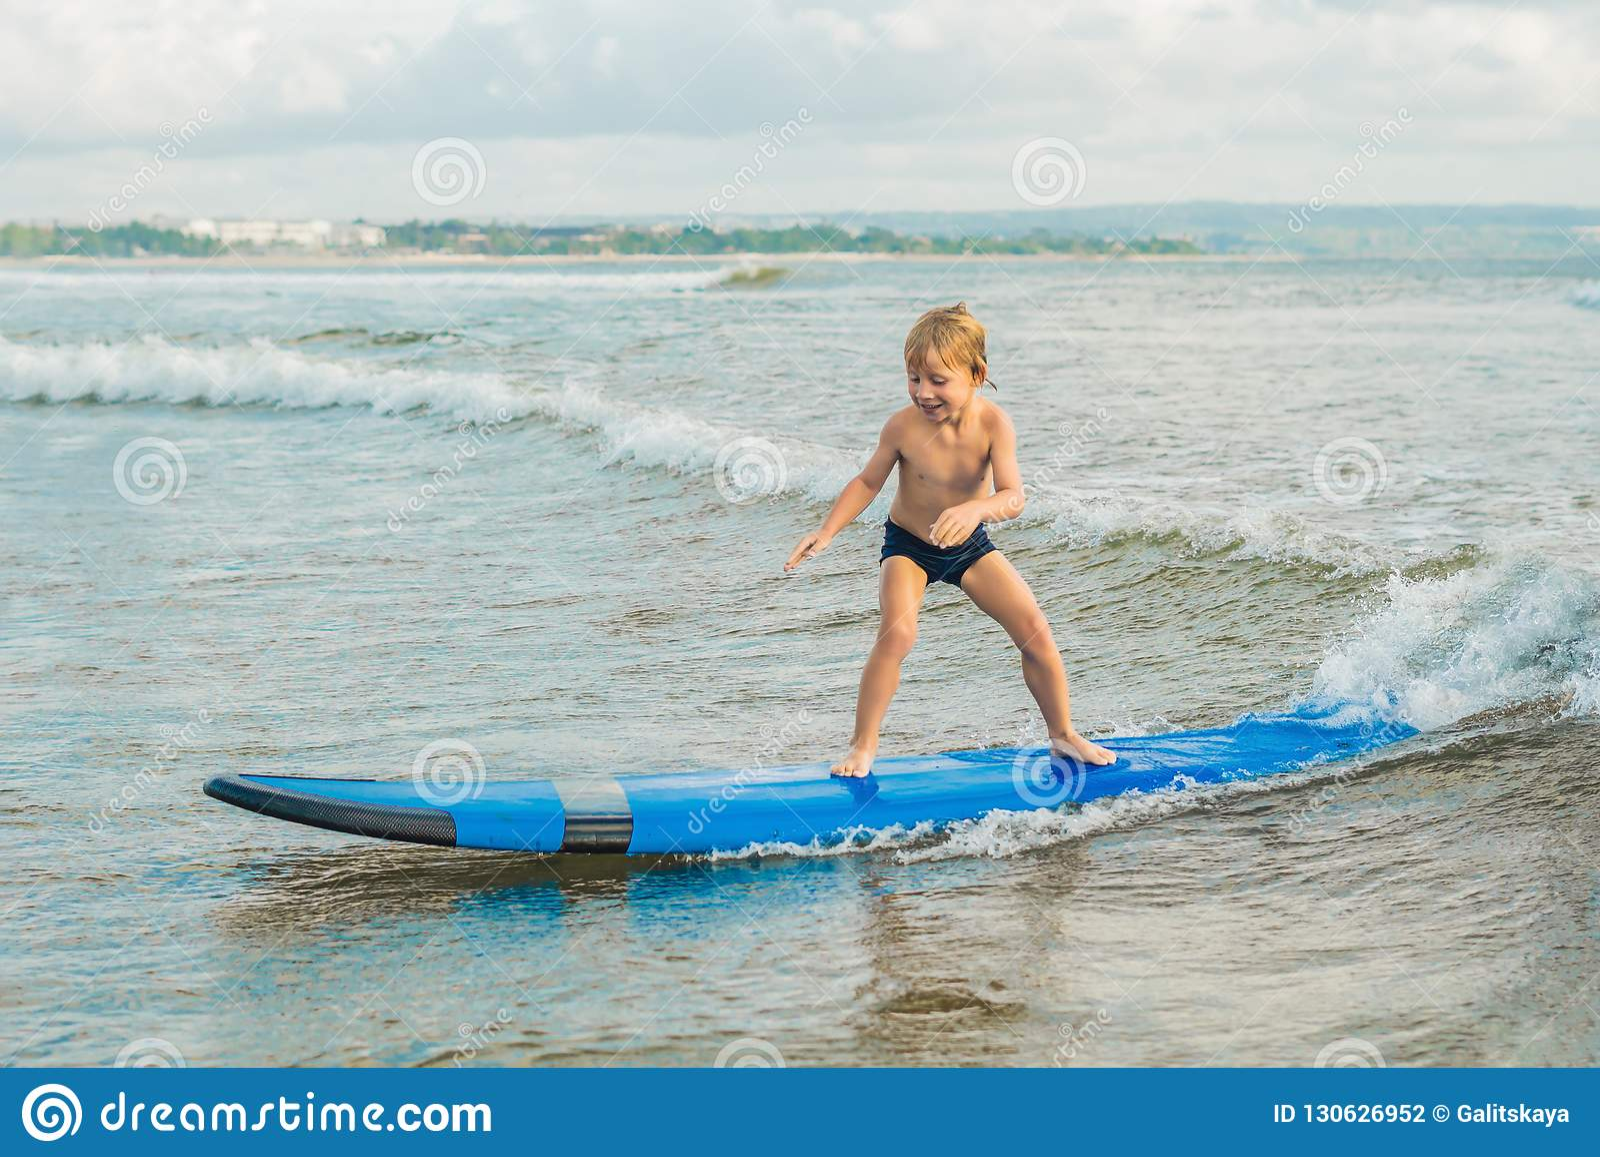 Niño pequeño que practica surf en la playa tropical Niño en el tablero de resaca en ola oceánica Deportes acuáticos activos para